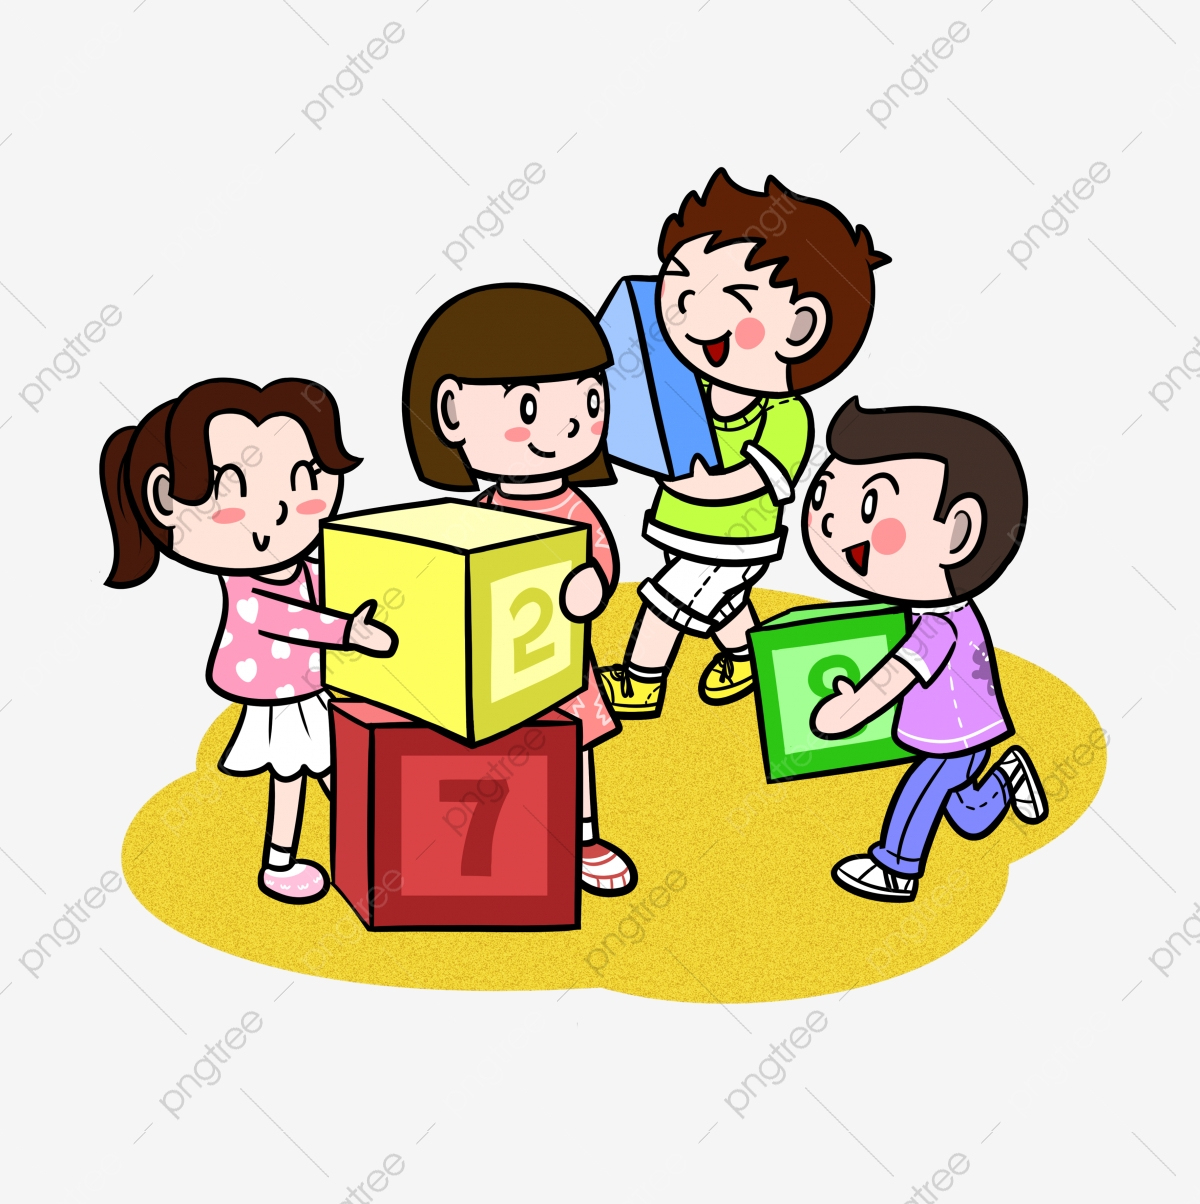 Dessin Animé Enfants Garçon Fille, Filles, Faire Des Jeux encequiconcerne Jeux Enfant Dessin